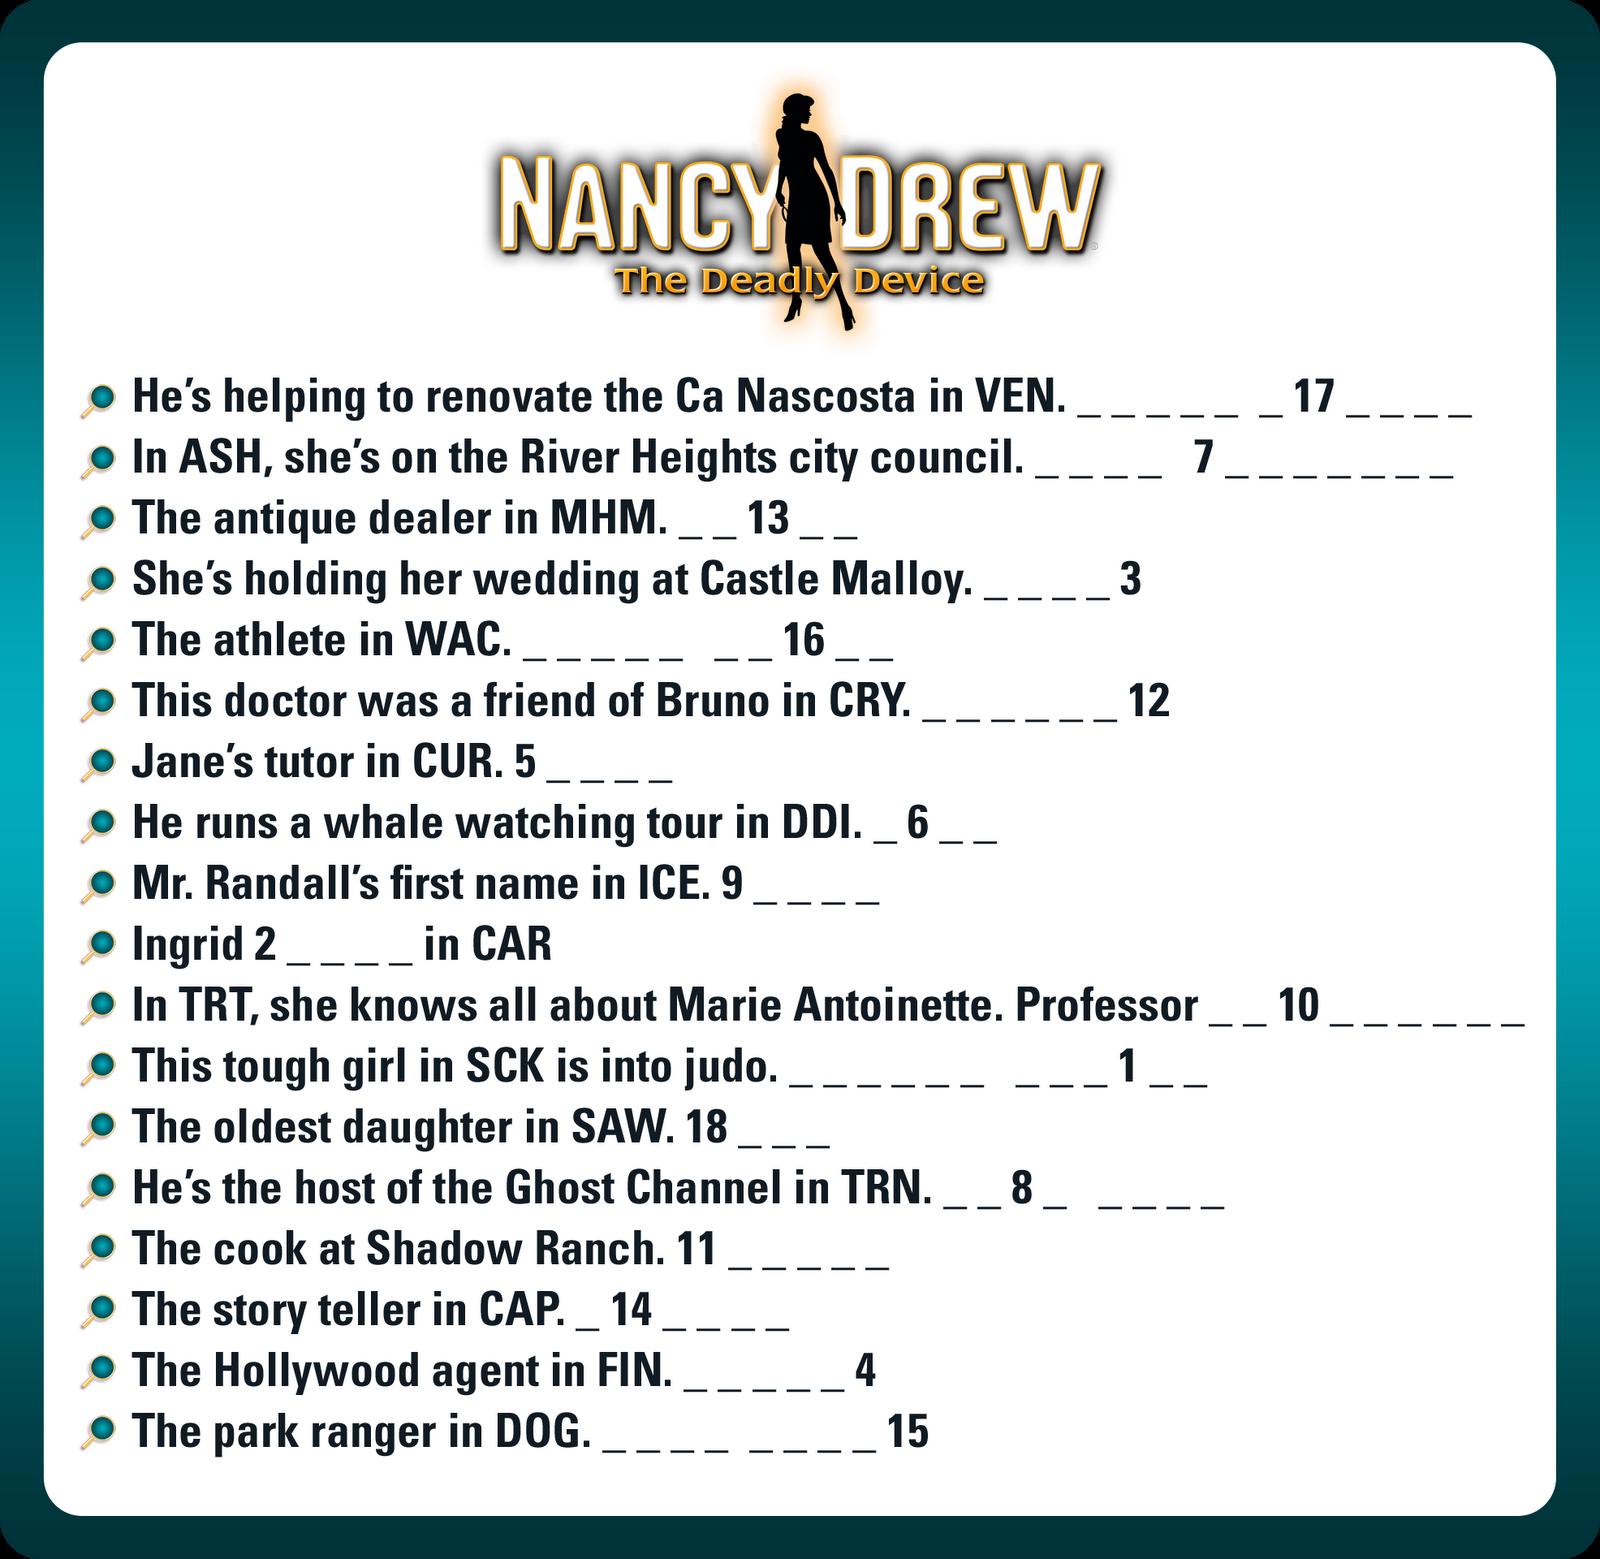 Nancy Drew: Alibi In Ashes - PC/Mac